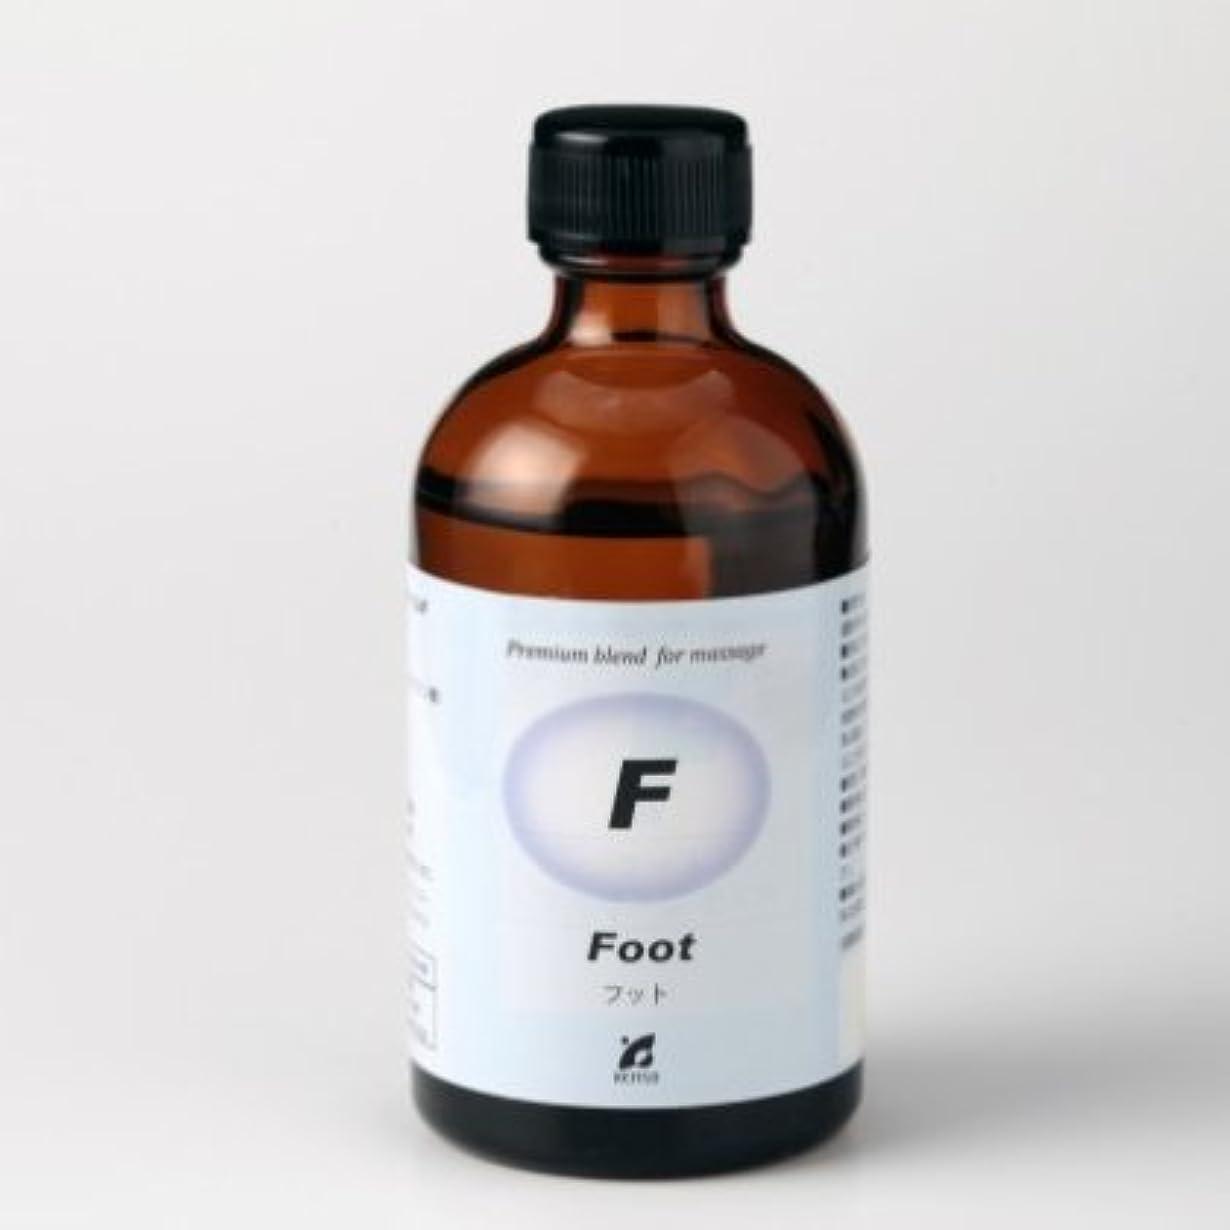 松敵対的アレルギープラナロム社レシピ Fタイプマッサージオイル【フットケアに】